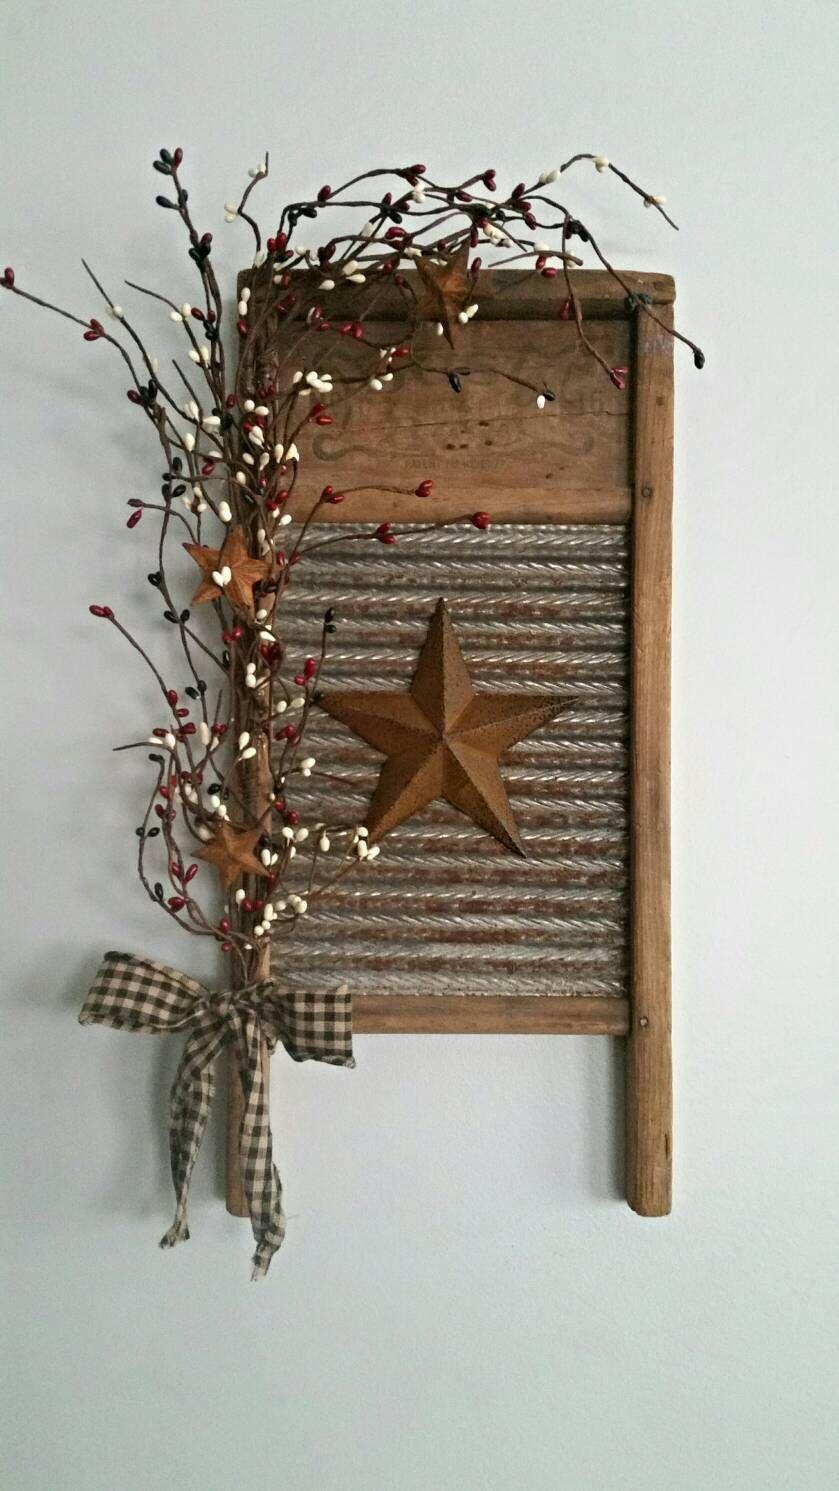 Small Rustic Primitive Vintage Washboard Decor Primitive Decorating Country Diy Rustic Decor Washboard Decor